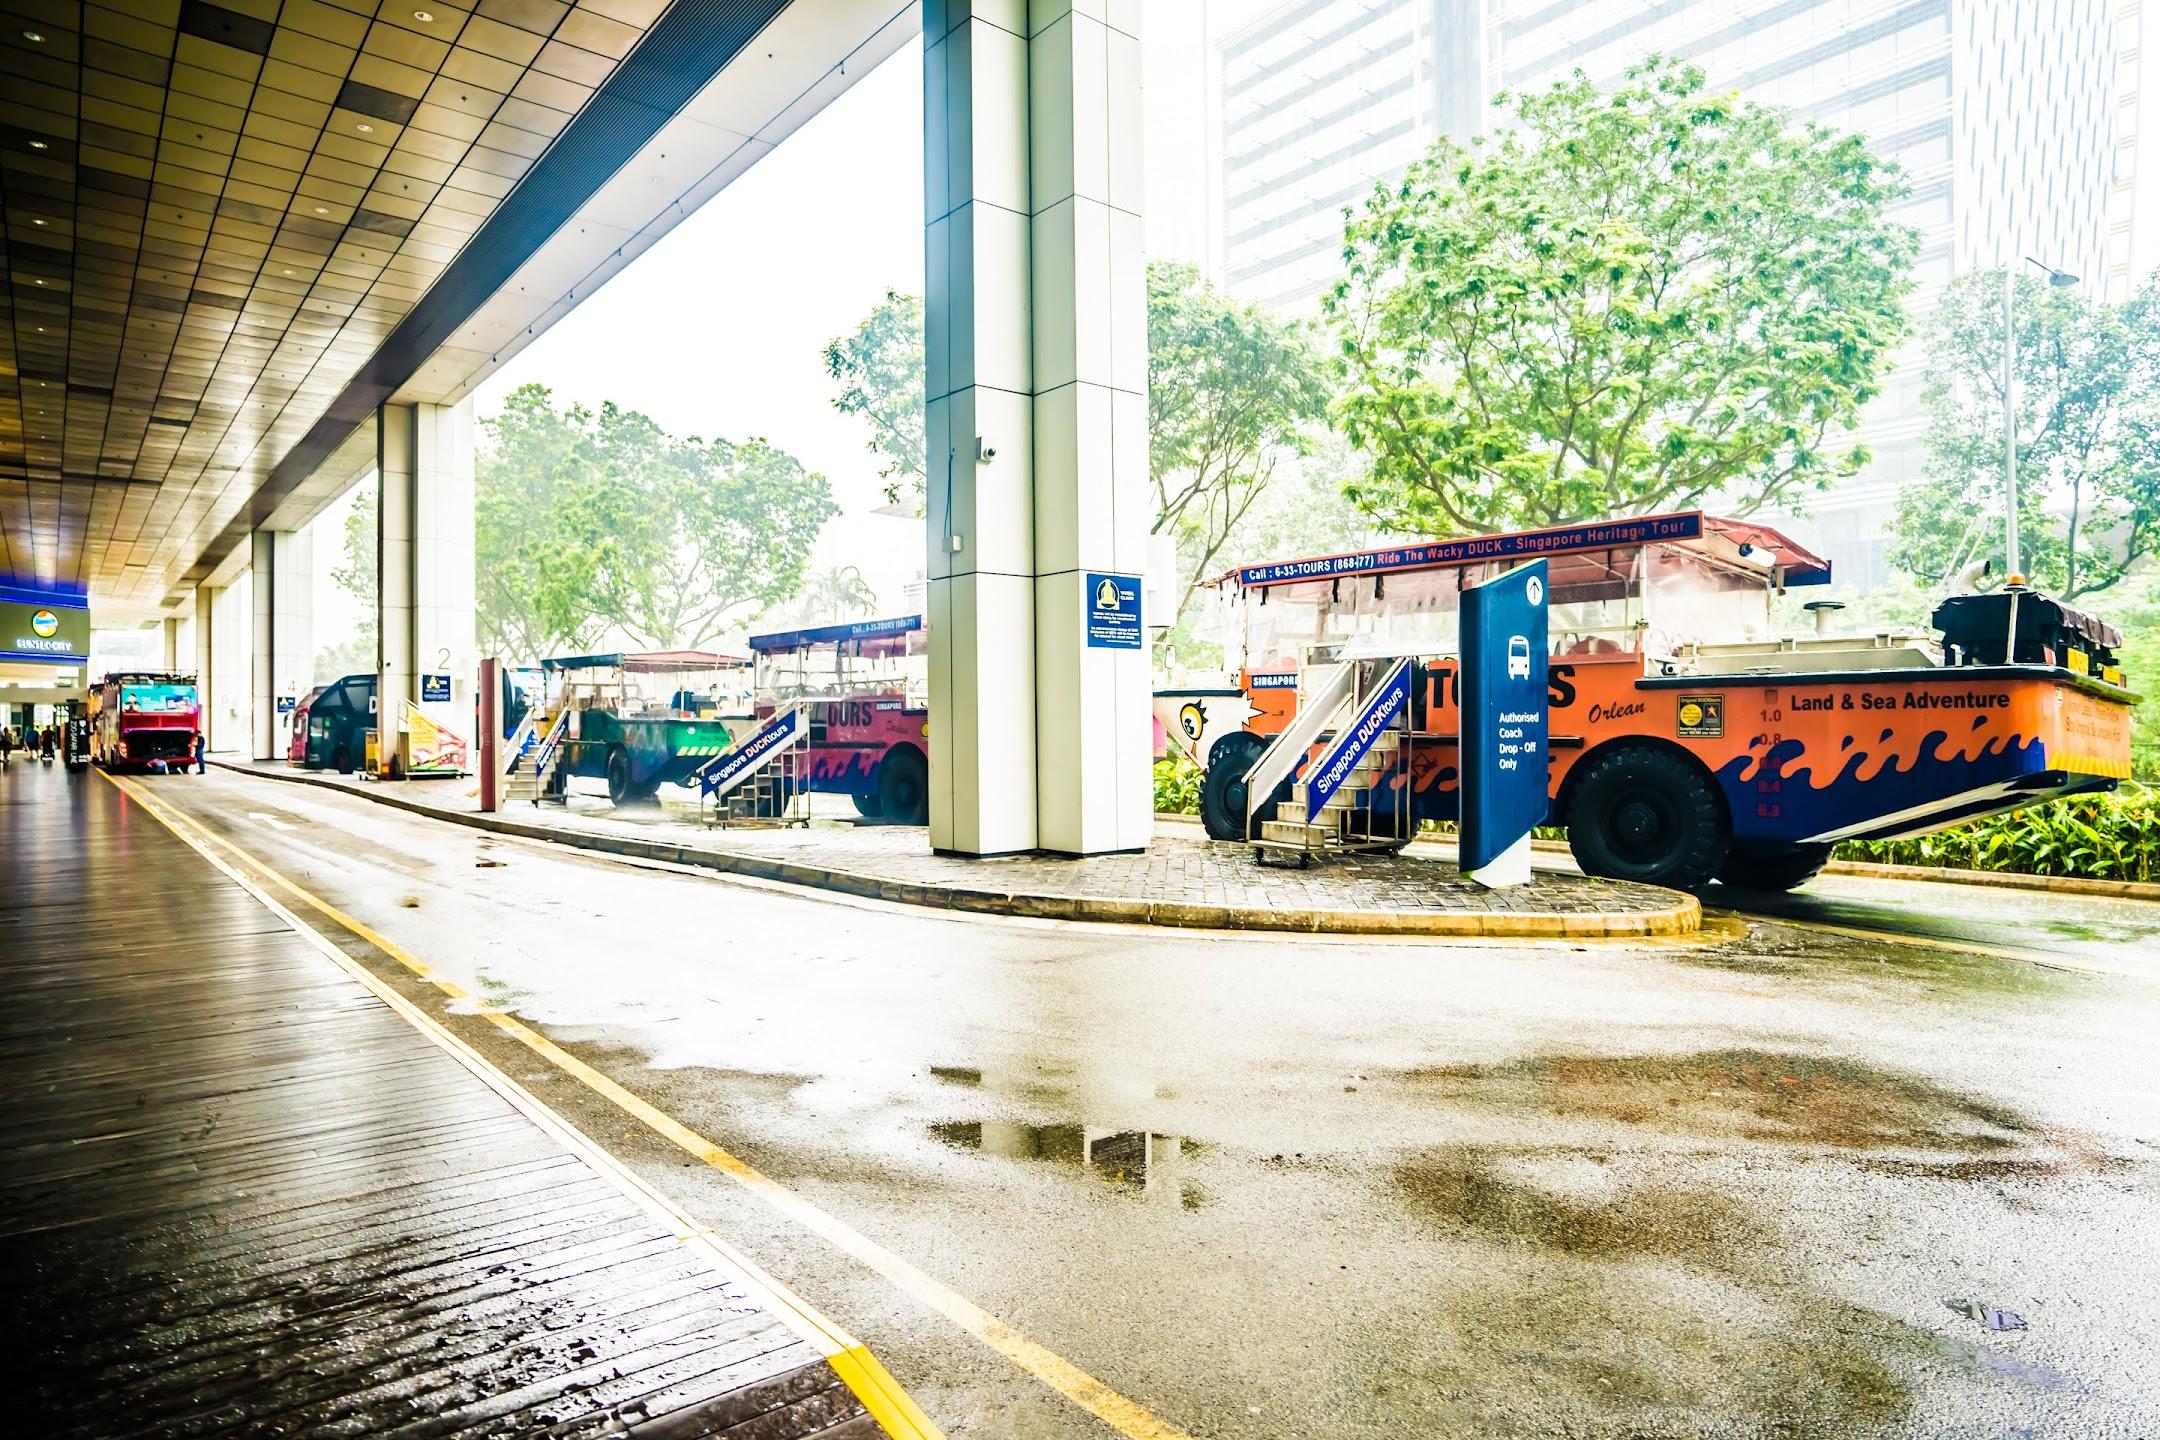 シンガポール ダックツアー